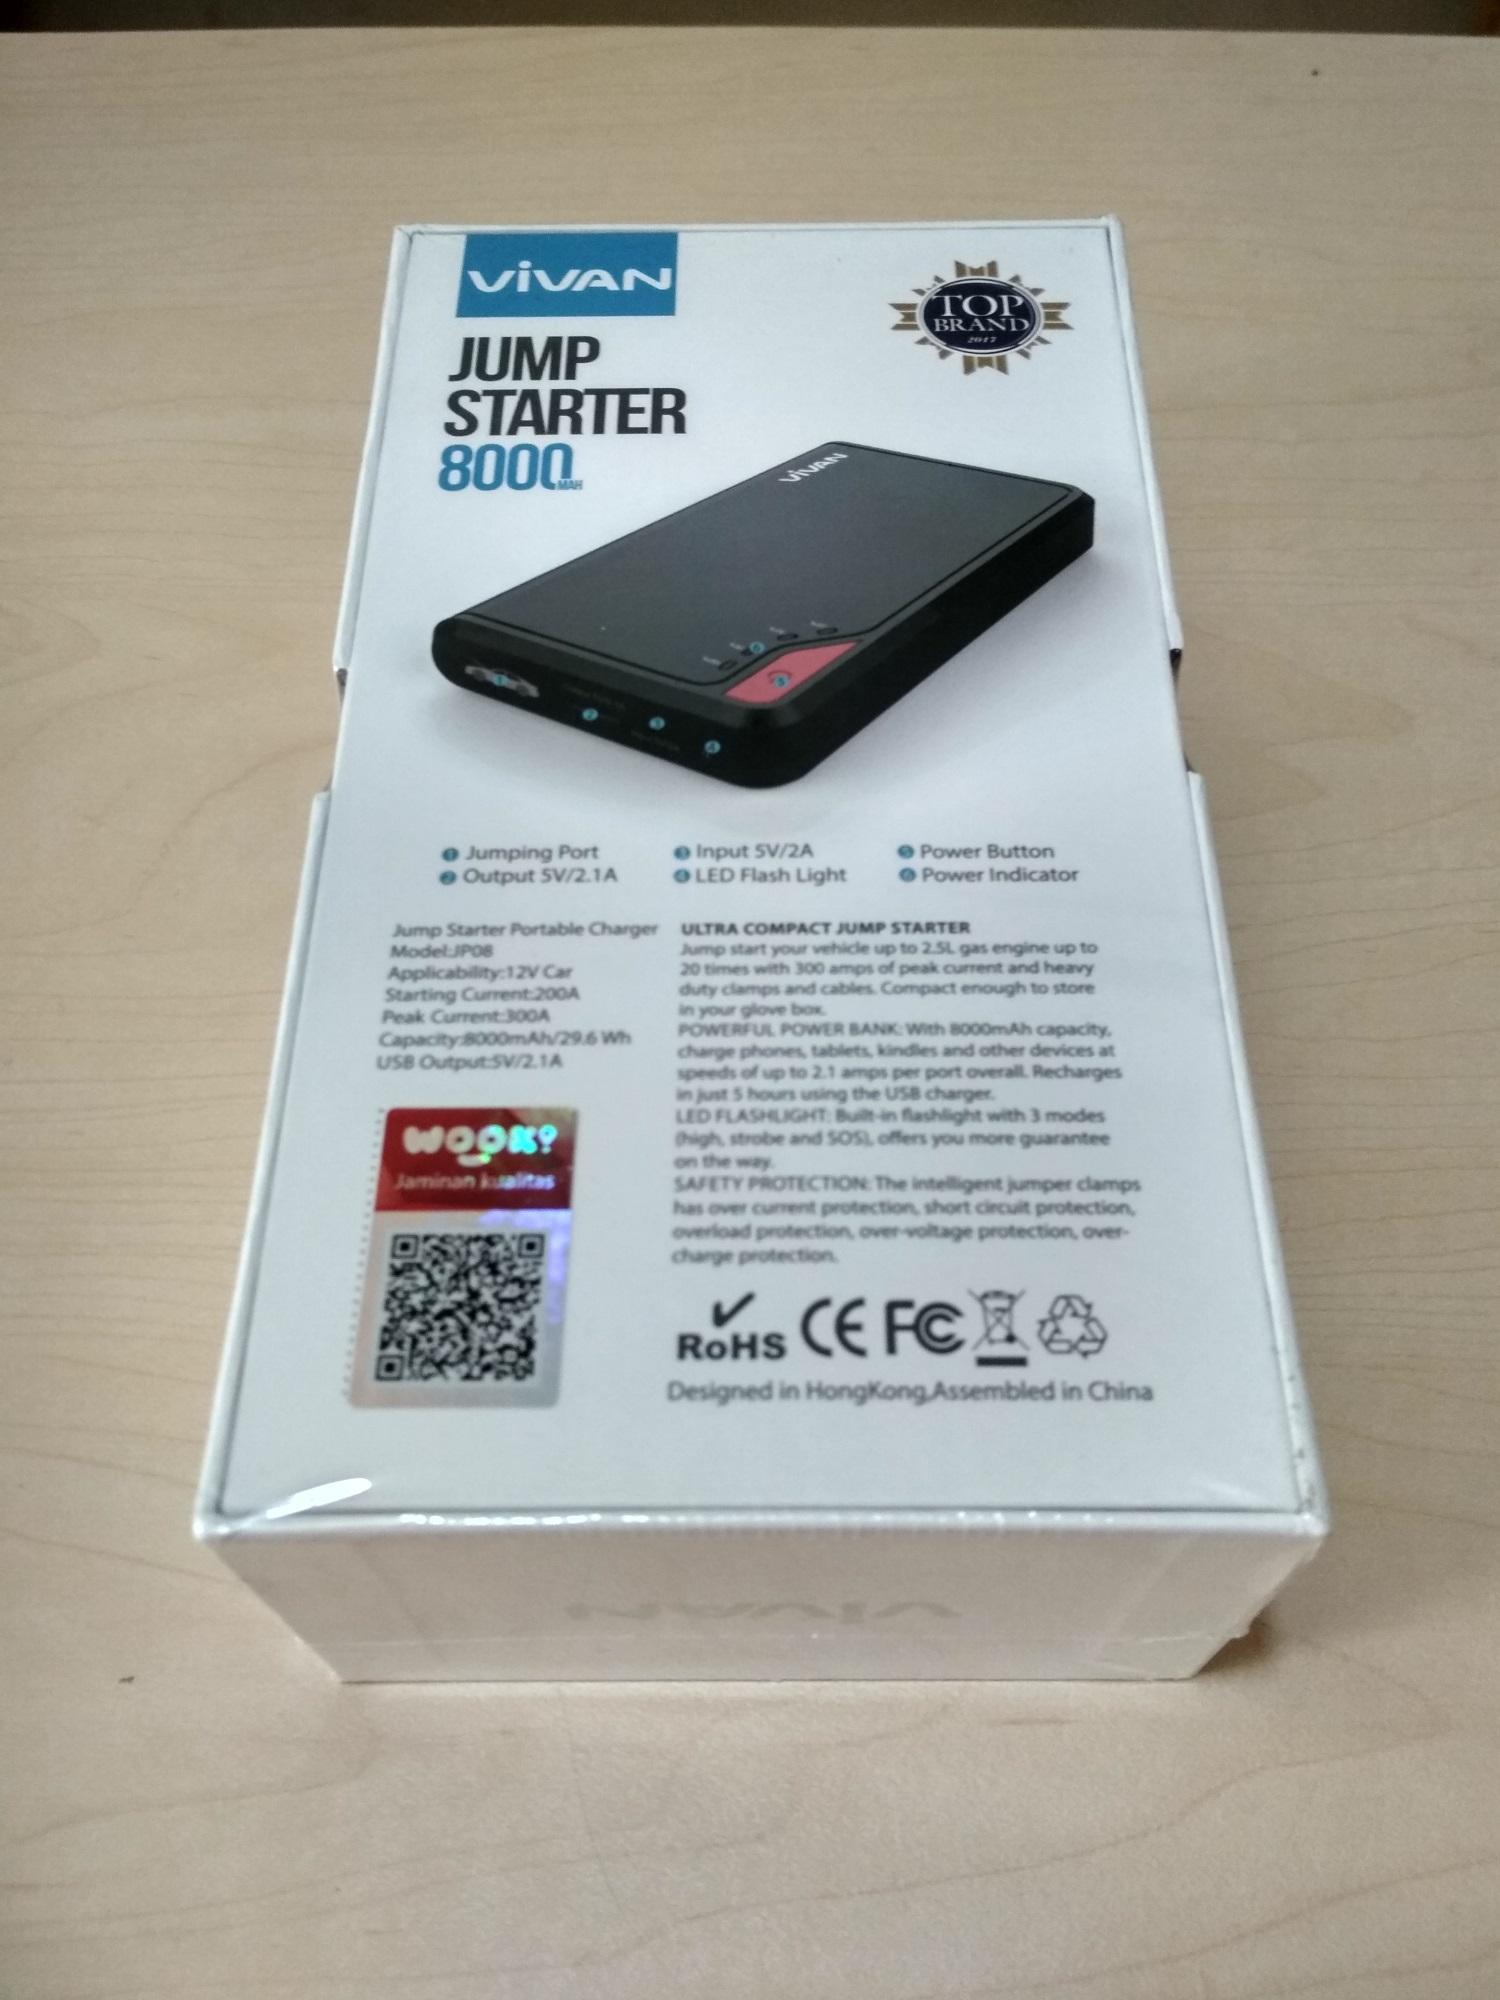 ... Power Bank VIVAN Jump Starter JP08 8000 mAh - 3